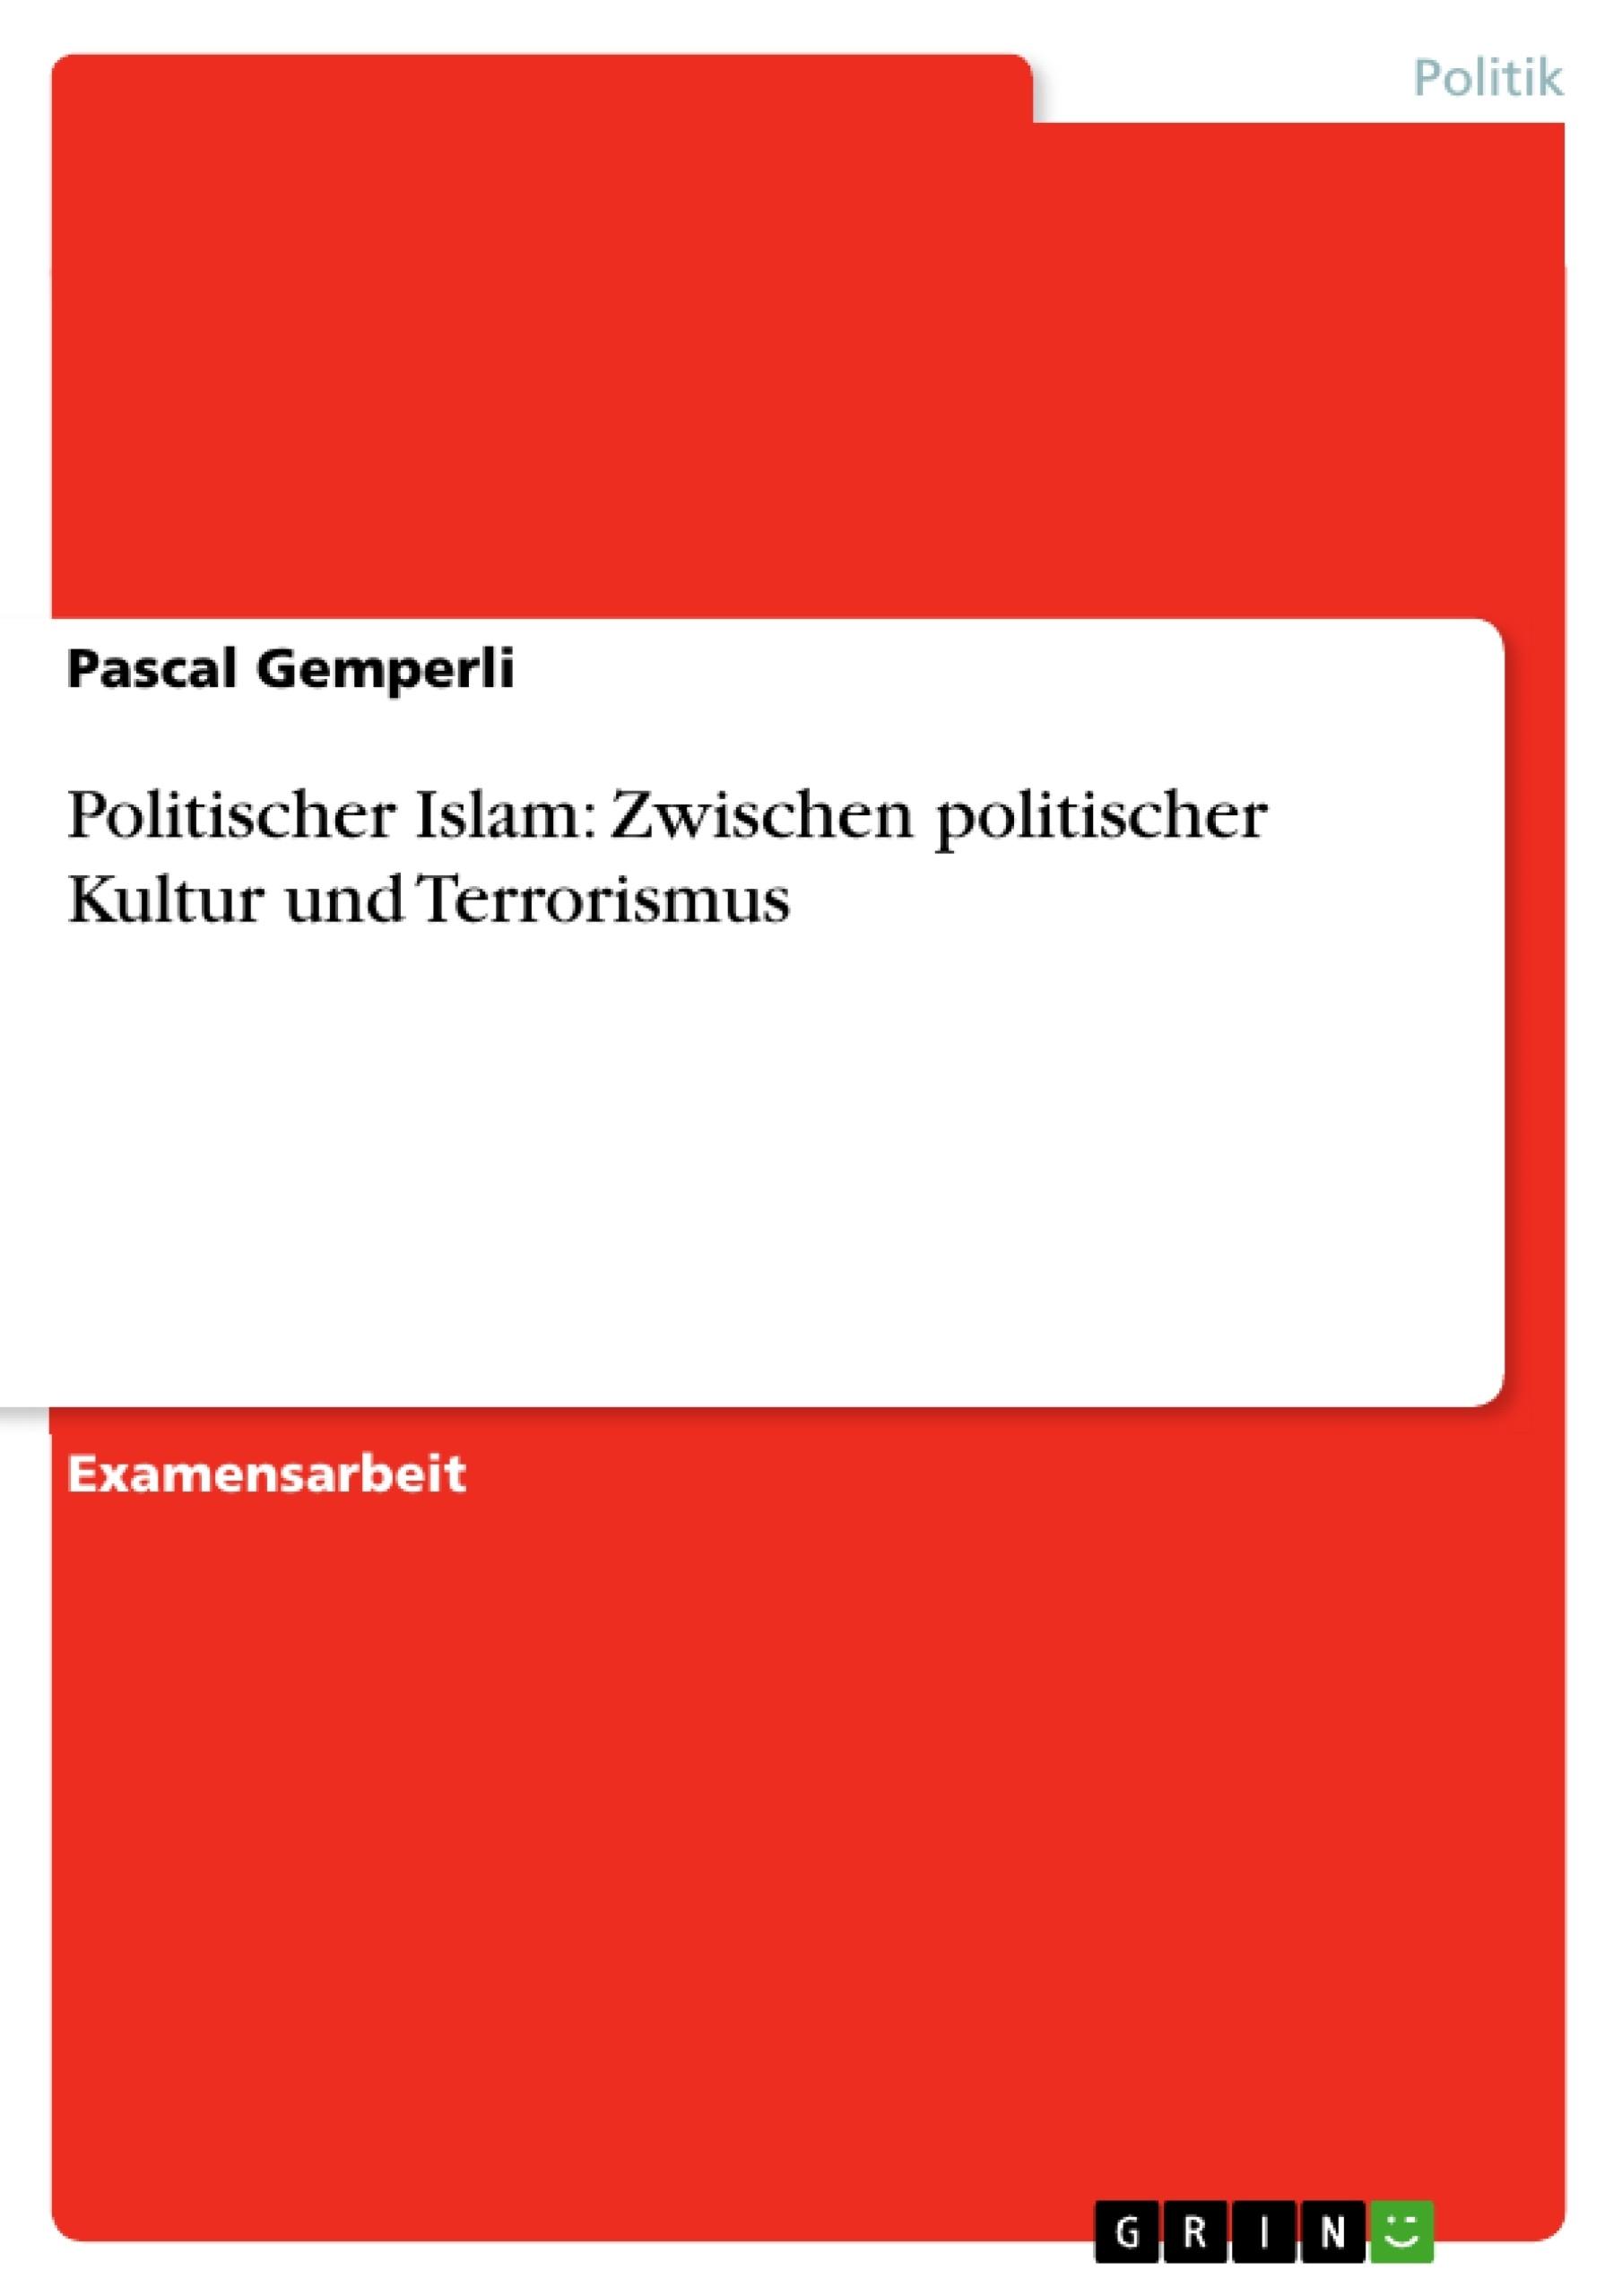 Titel: Politischer Islam: Zwischen politischer Kultur und Terrorismus